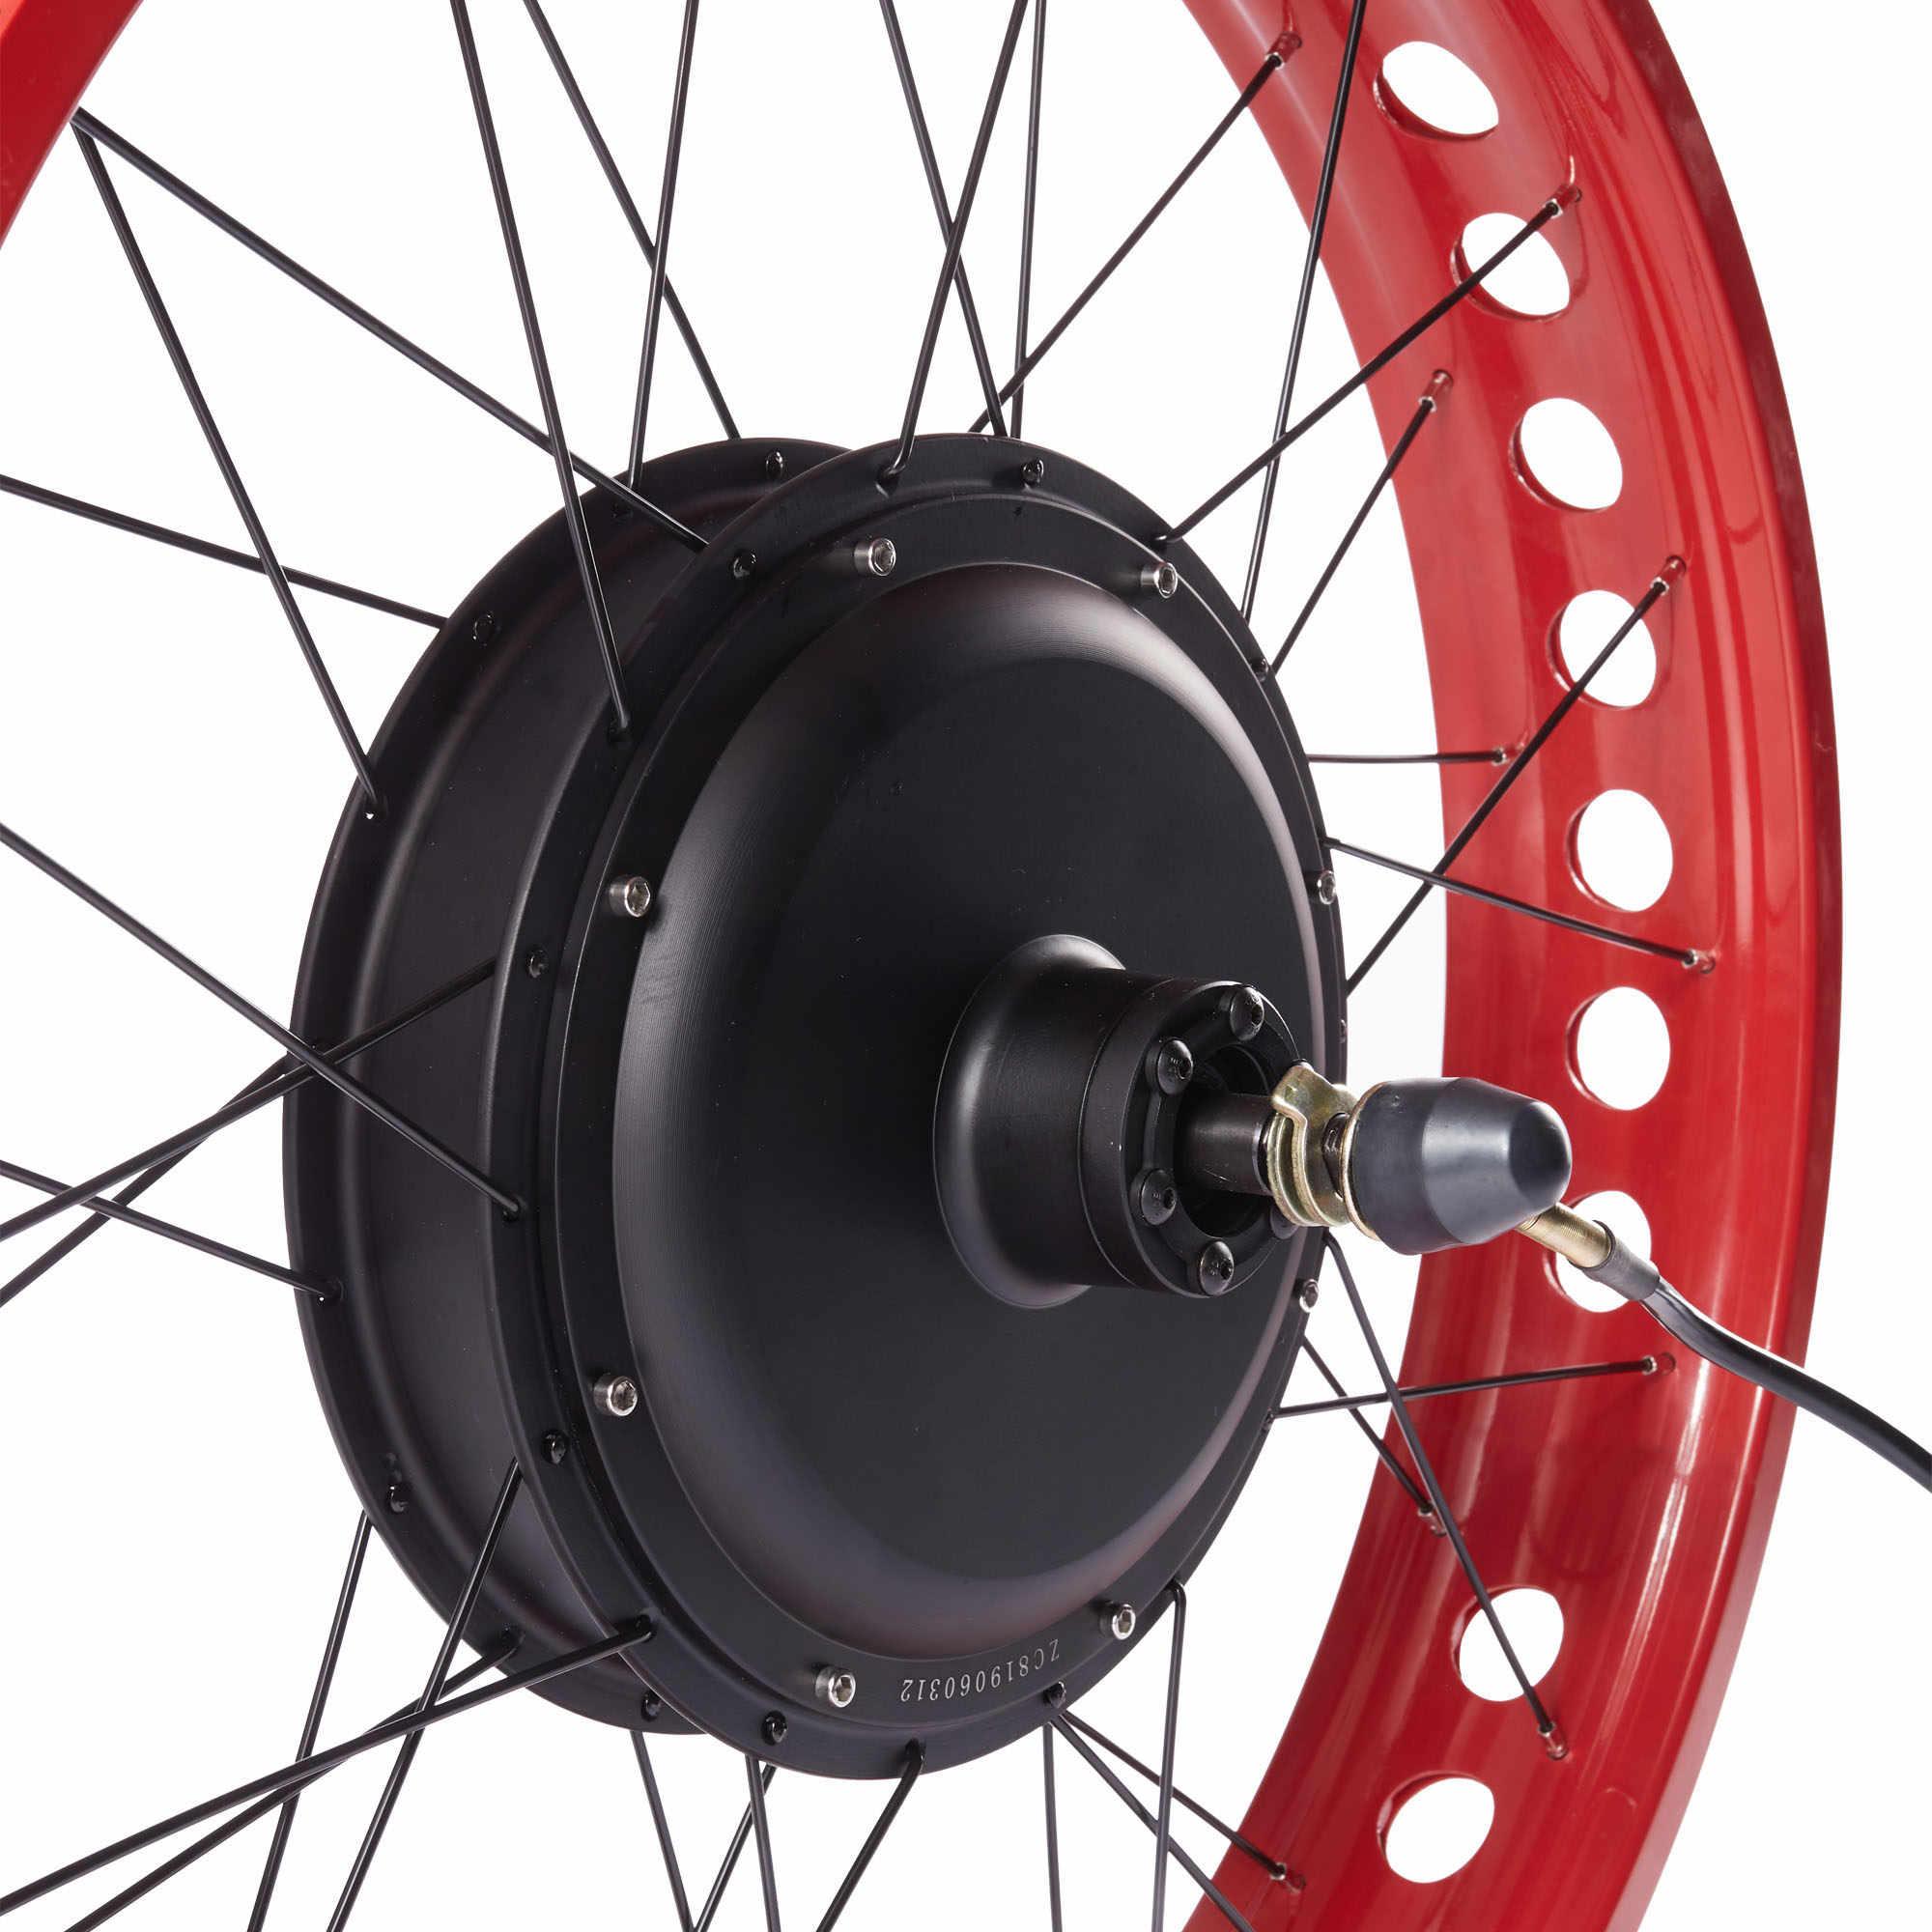 26 pouces rouge gros vélo électrique avant/arrière roue Kit de Conversion pour 4.0 pneu 36/48V 250/350/500/1000/1500W DC Brushless Hub moteur